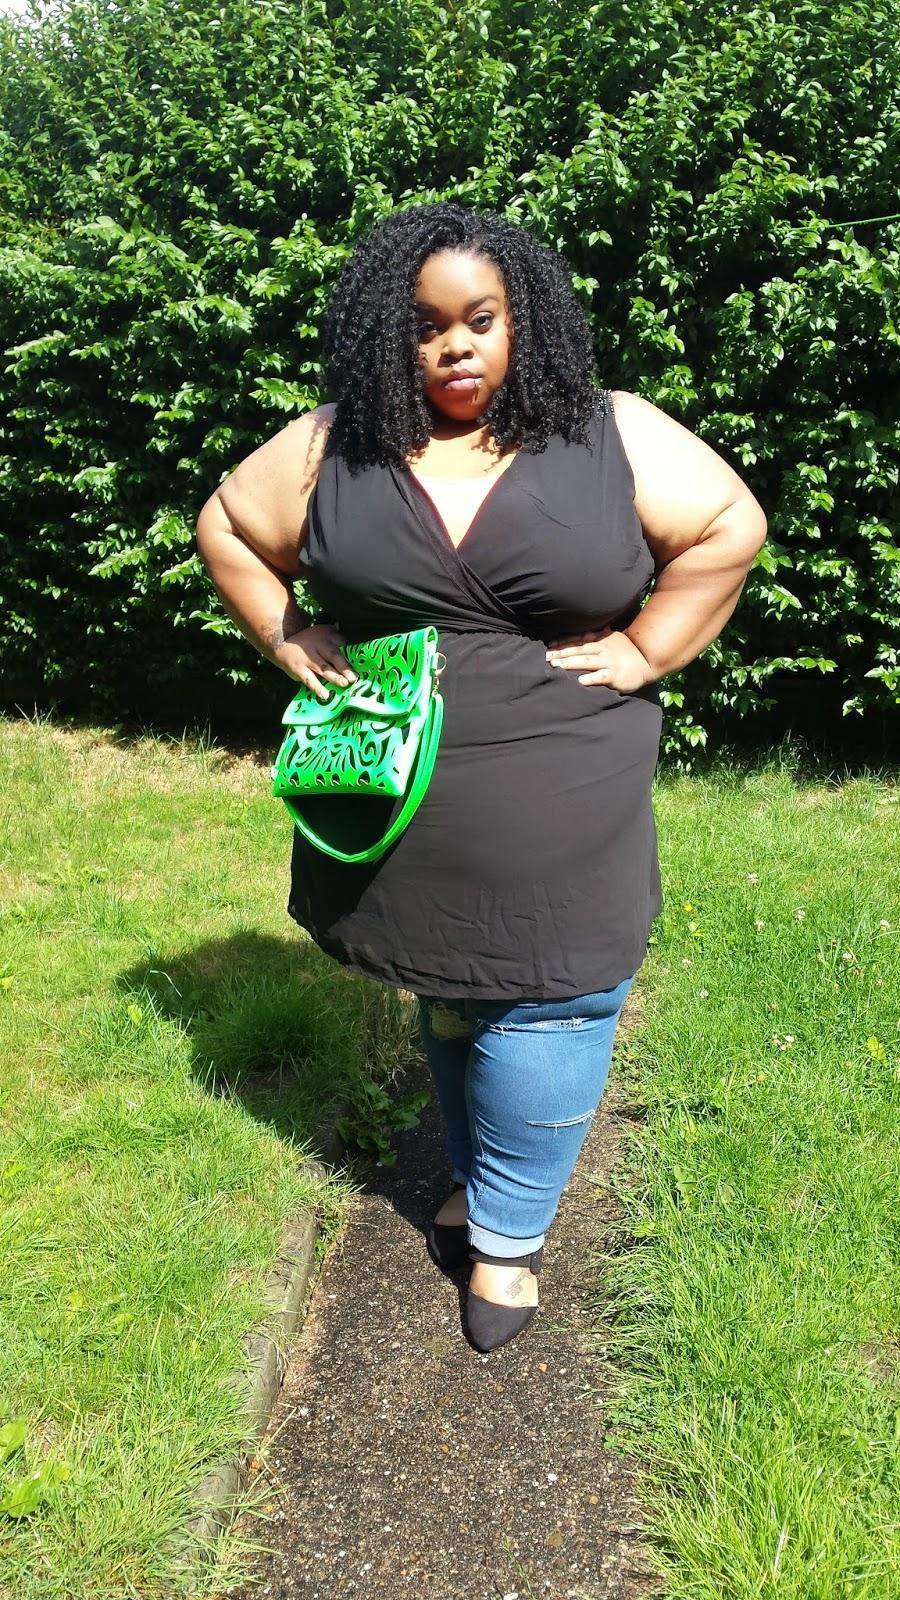 Green bay bbw dating